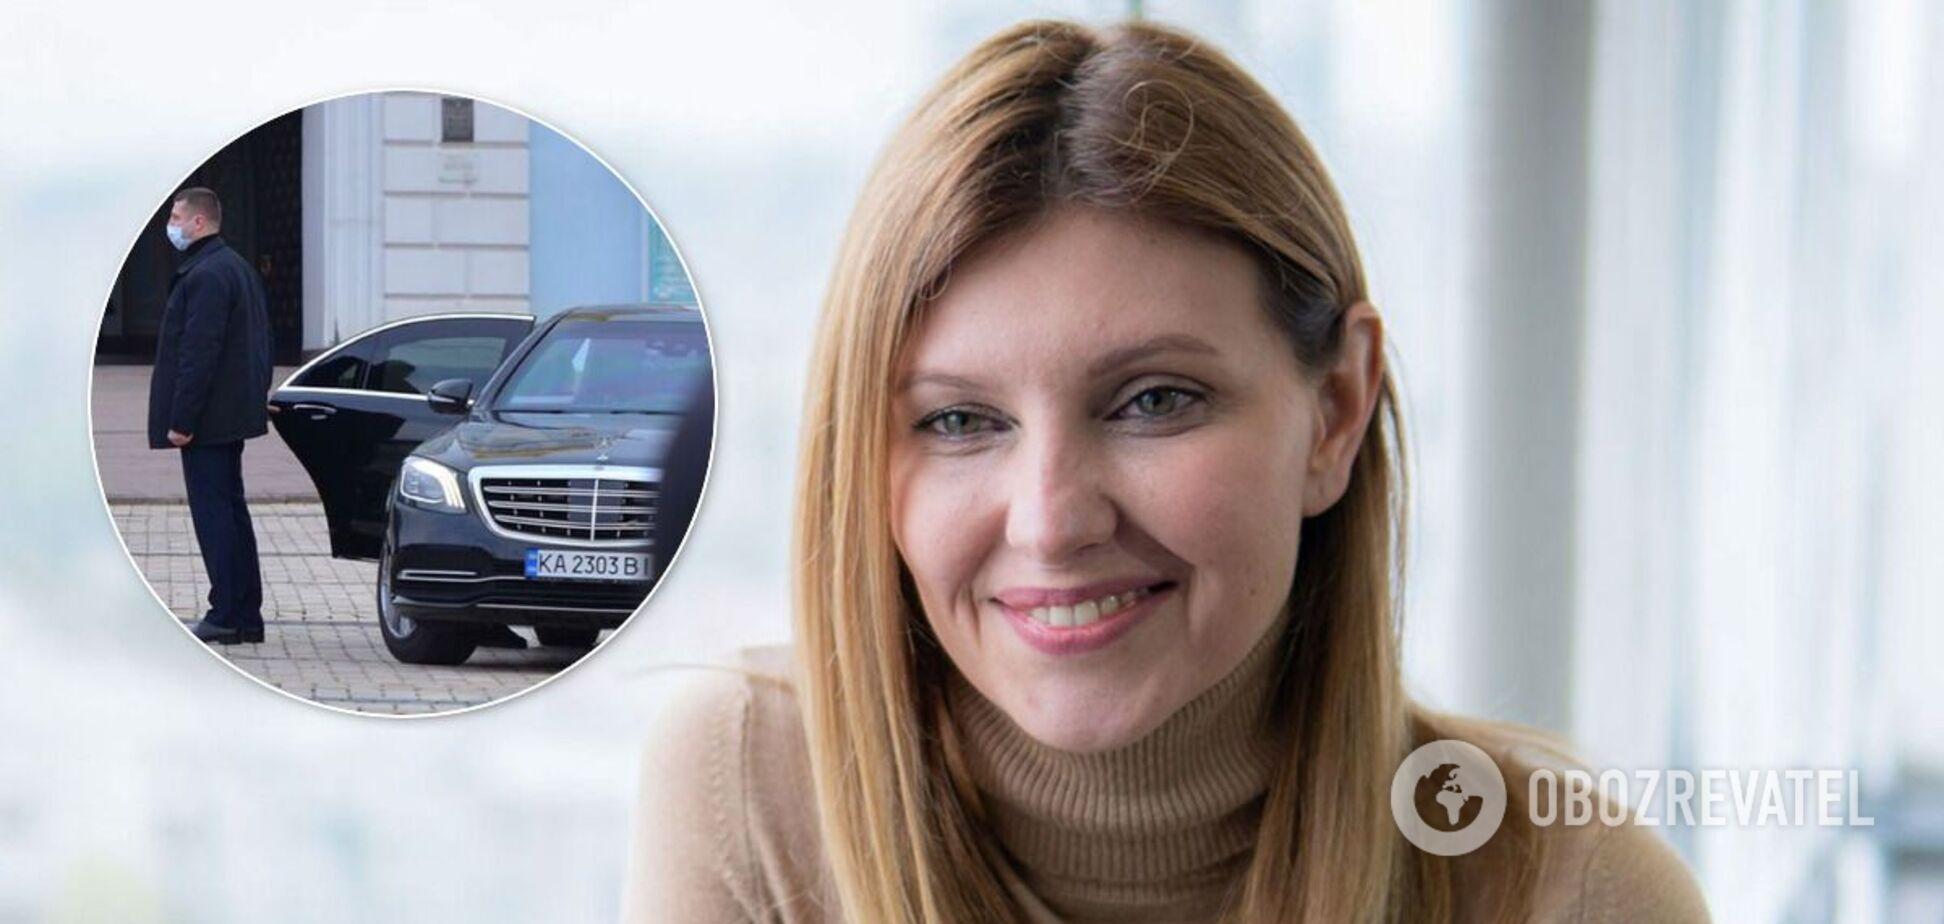 СМИ показали, как Зеленская на элитной машине ездит по Киеву, превышая скорость. Видео